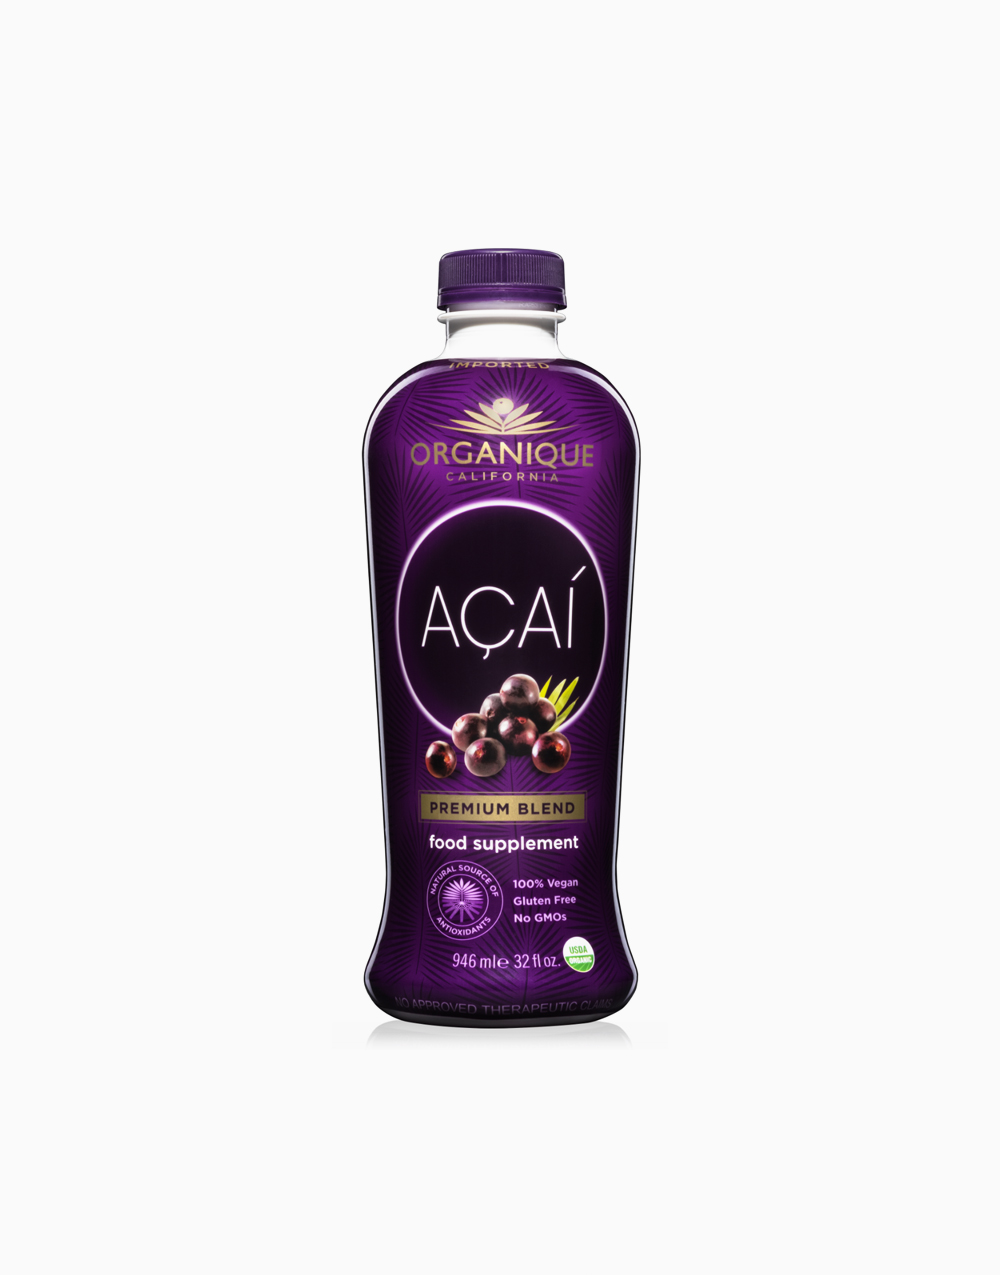 Organique Açaí Premium Blend (946mL) by Organique Açaí